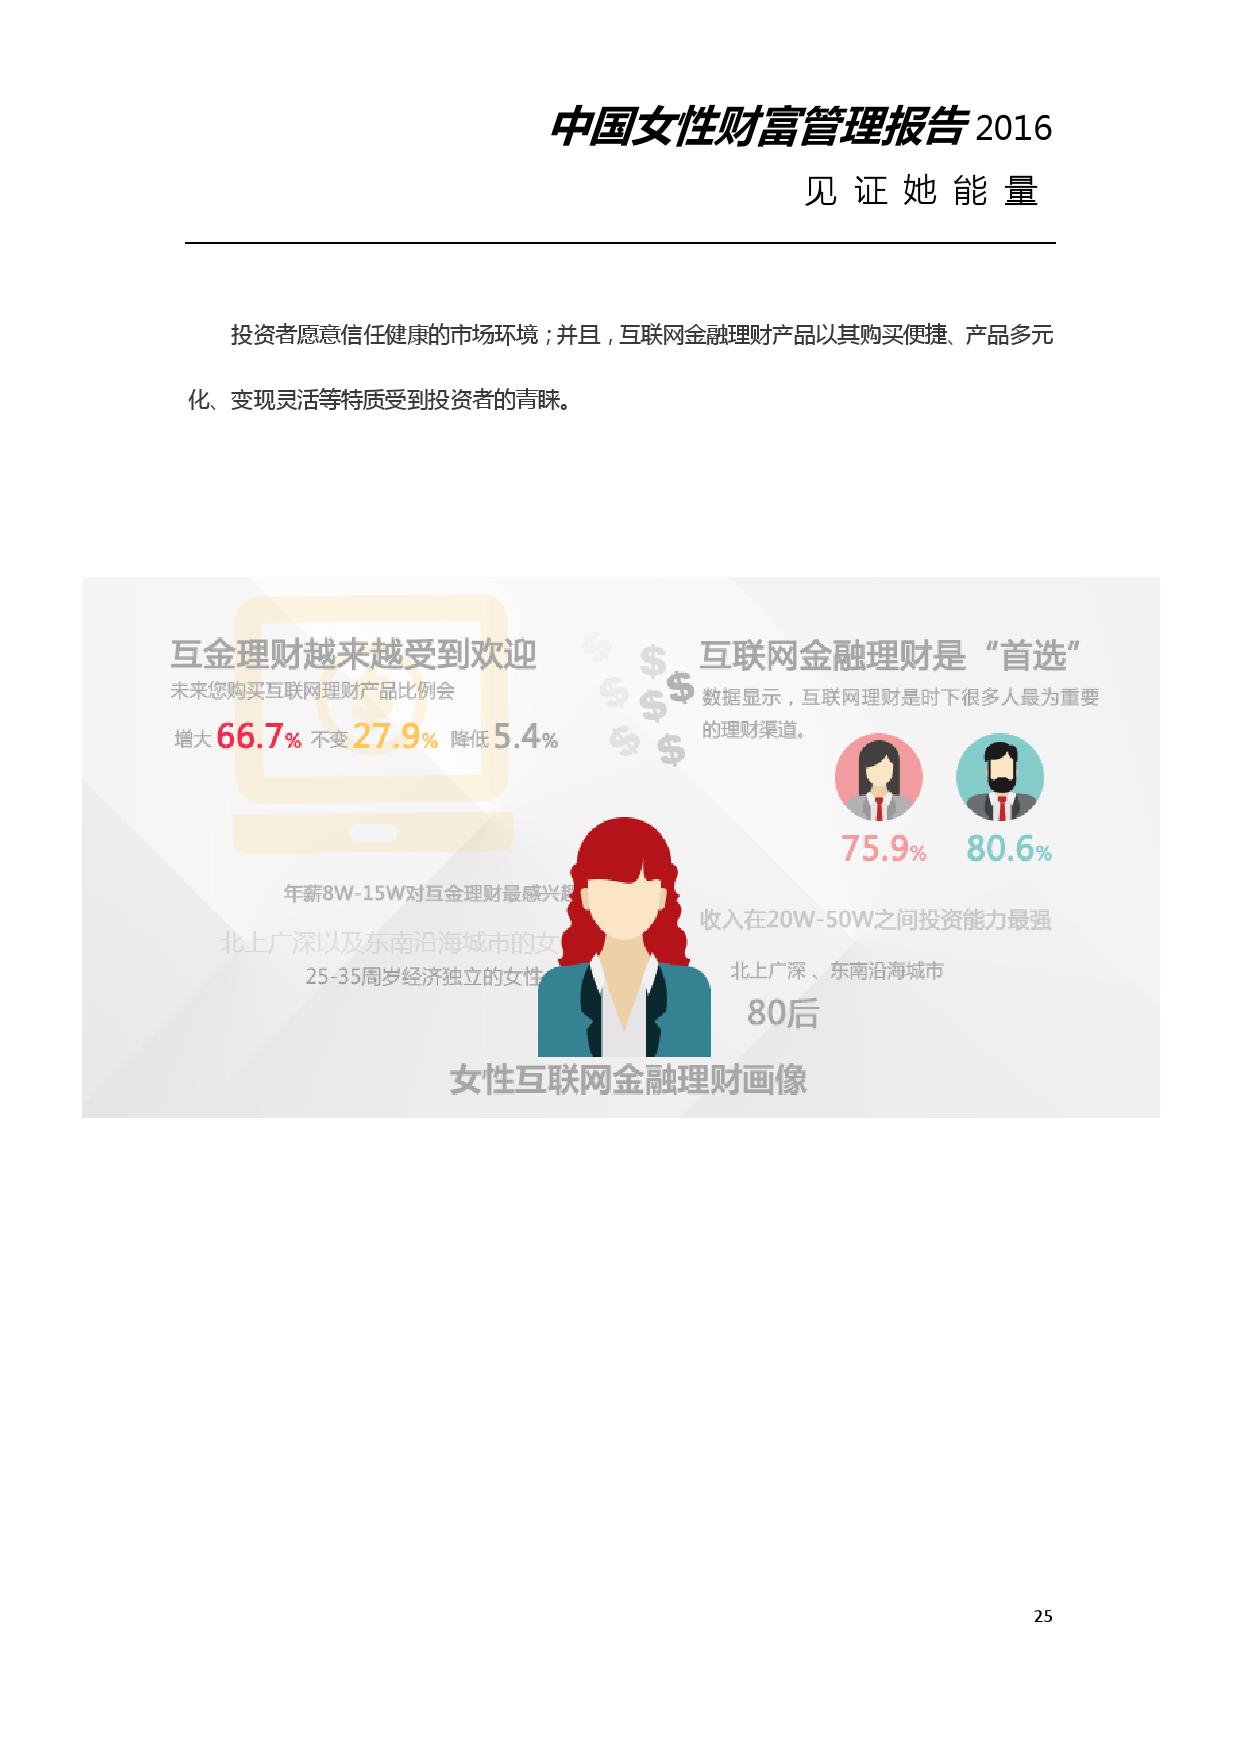 2016年中国女性财富管理报告_000025